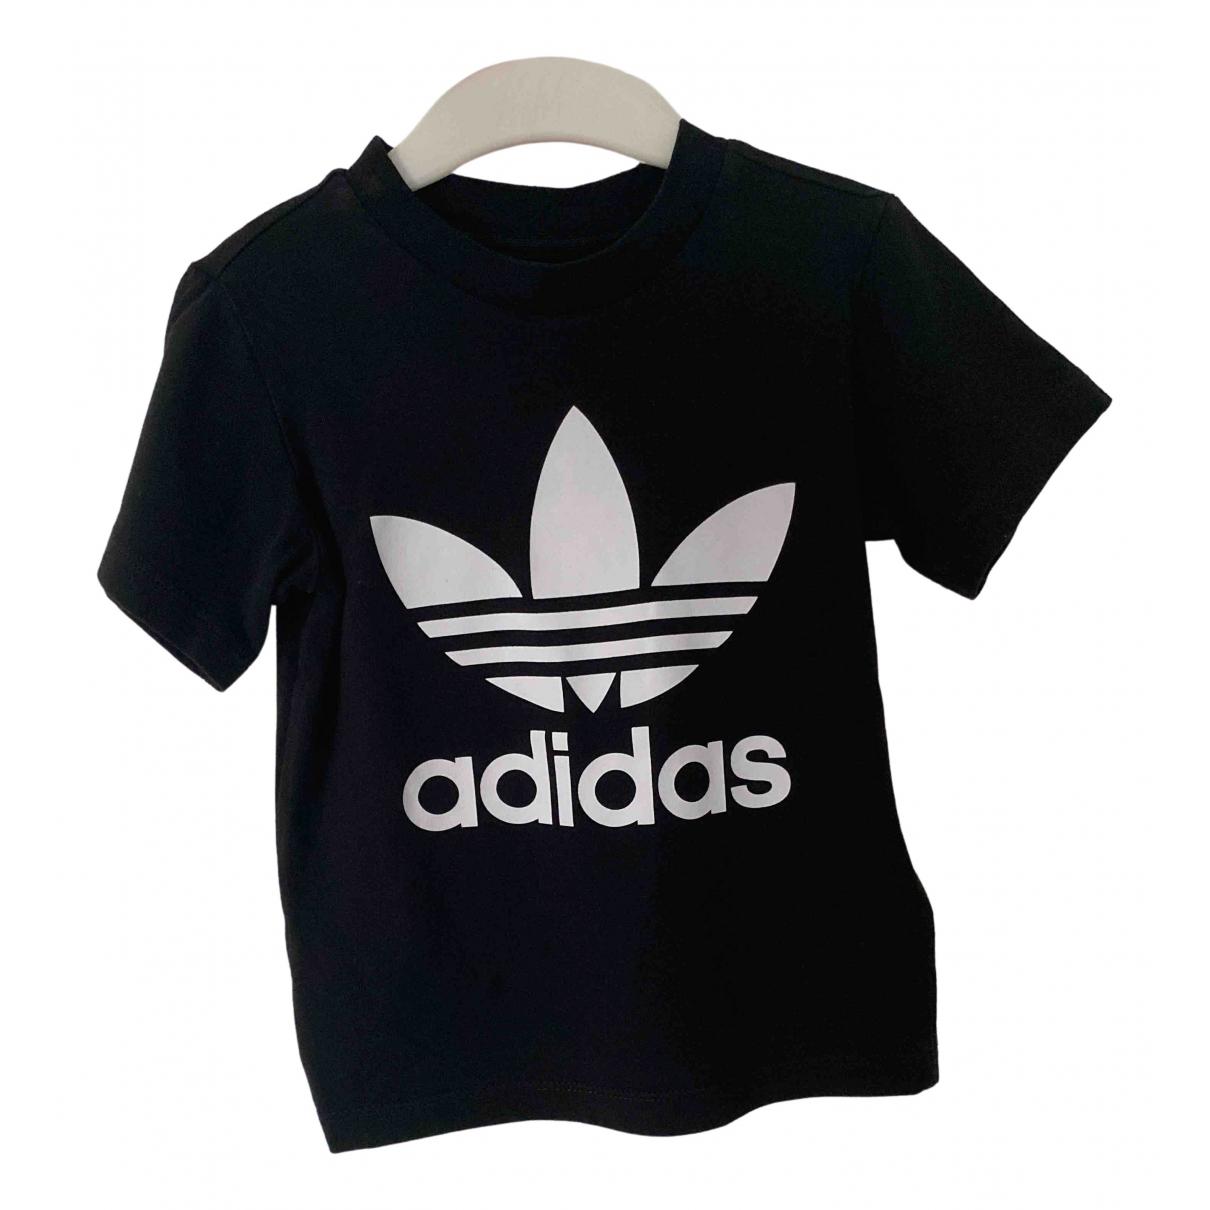 Adidas - Top   pour enfant en coton - noir